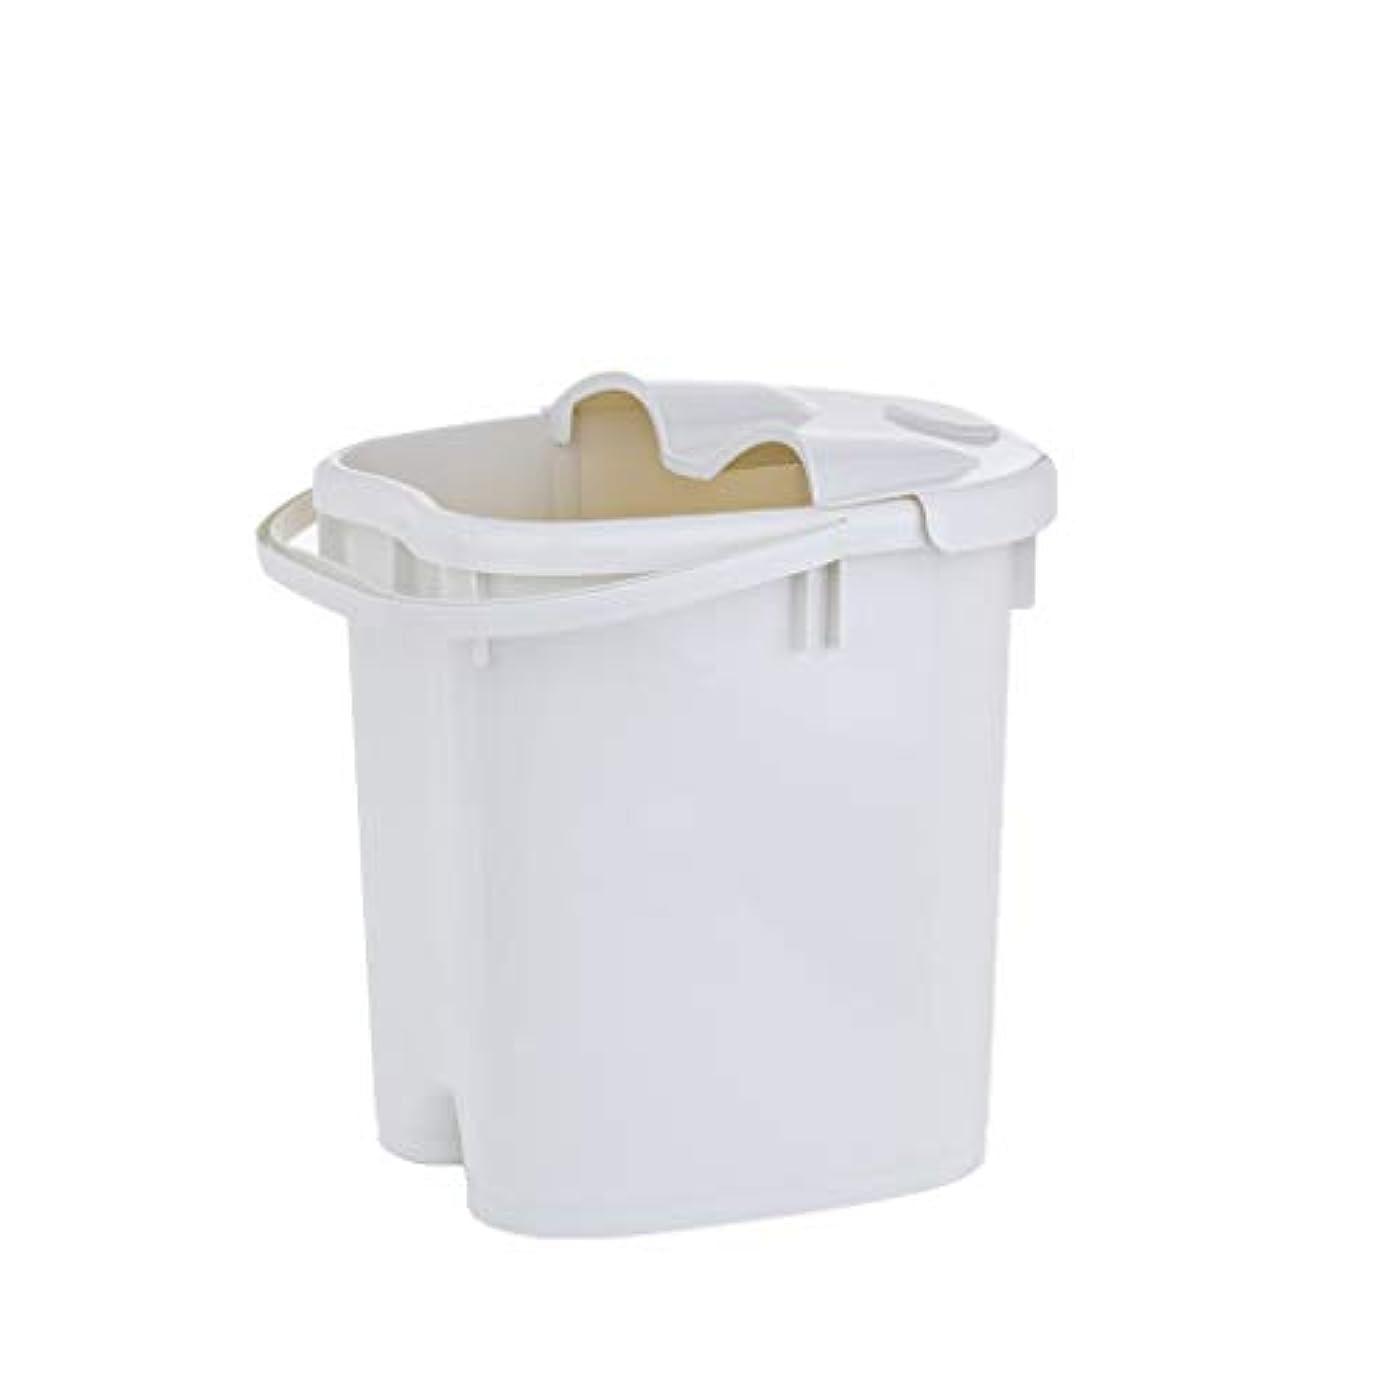 インカ帝国全能ほのめかすフットバスバレル- ?AMTシンプルな和風マッサージ浴槽ポータブル足湯バケツプラスチック付きふた保温足浴槽 Relax foot (色 : 白, サイズ さいず : 39cm high)